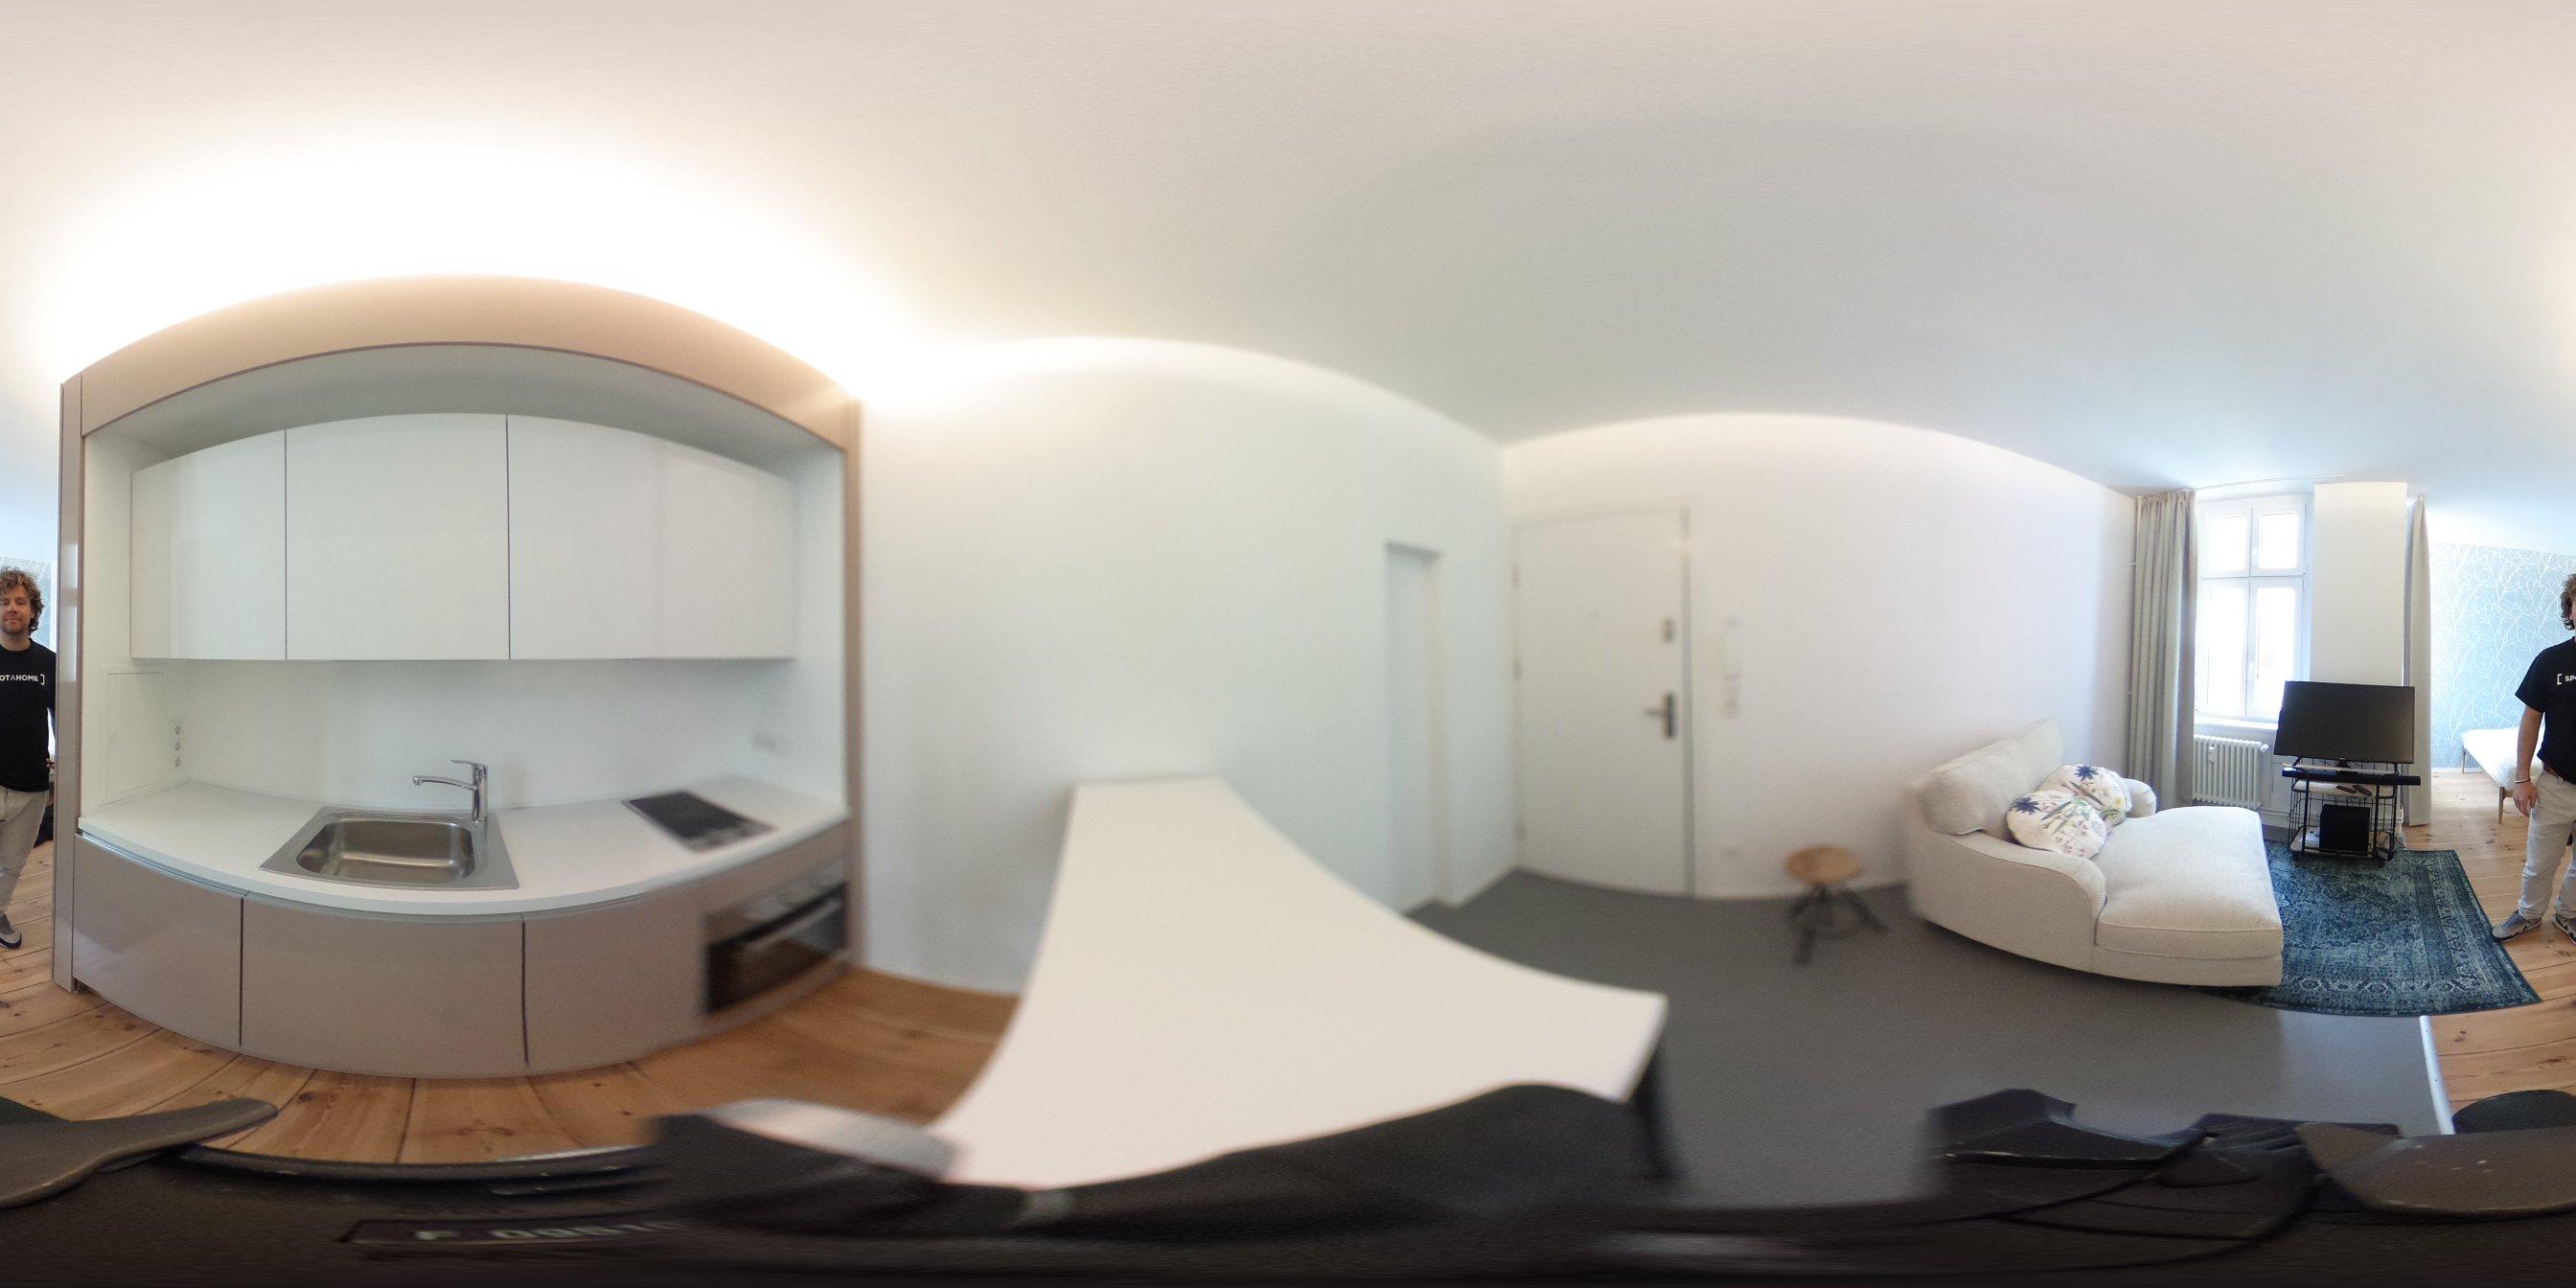 Einzimmerwohnung zu mieten in Kreuzberg, Berlin (ref: 212262 ...